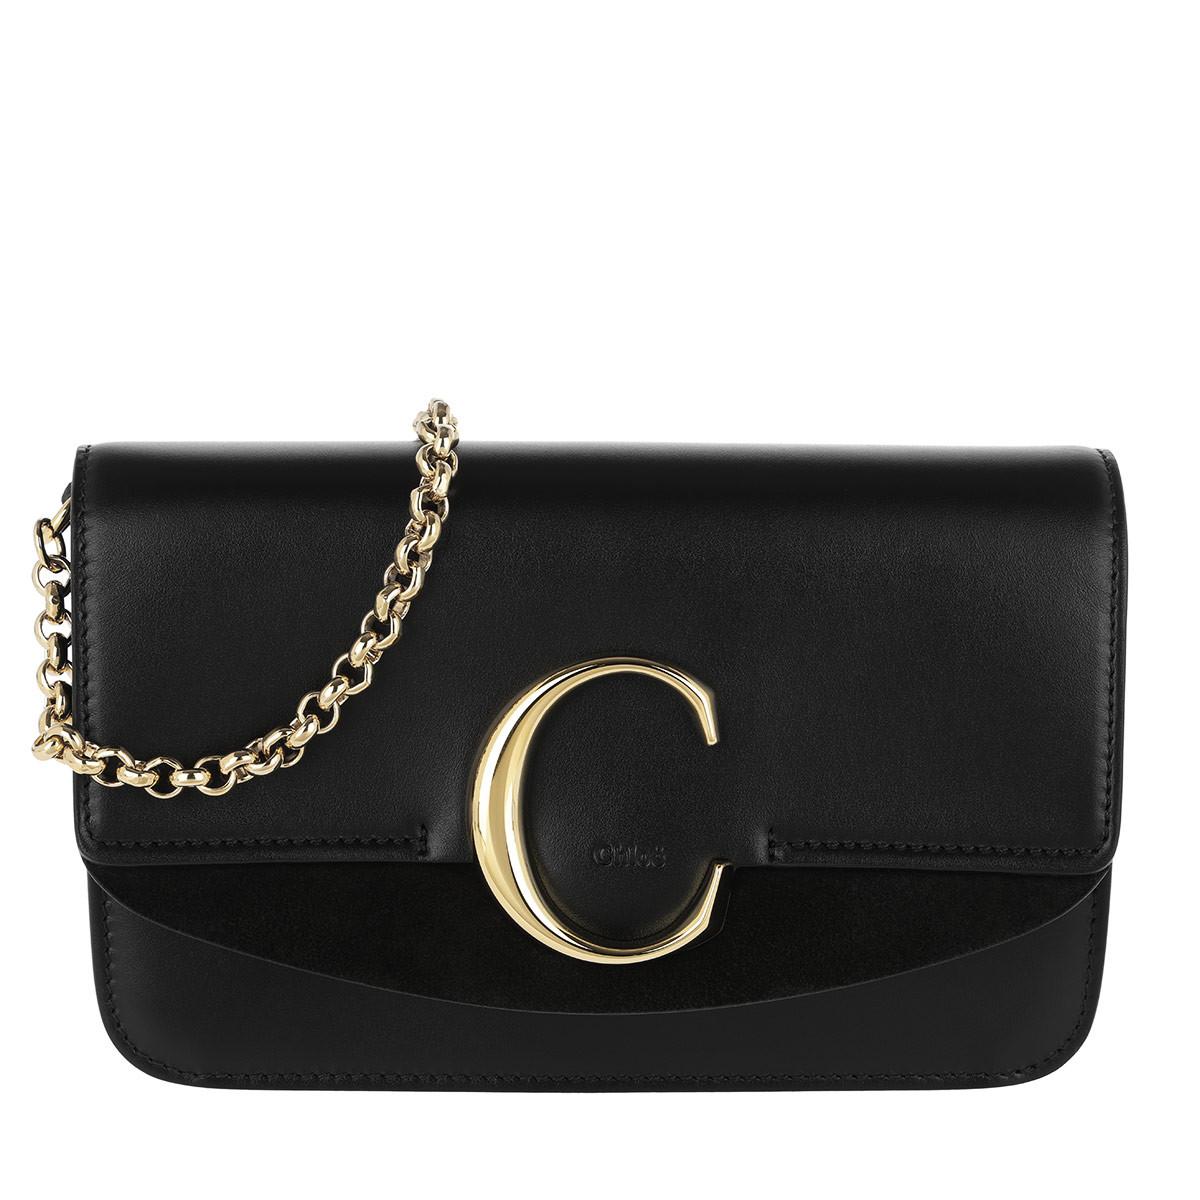 Chloé Umhängetasche - C Clutch With Chain Black - in schwarz - für Damen